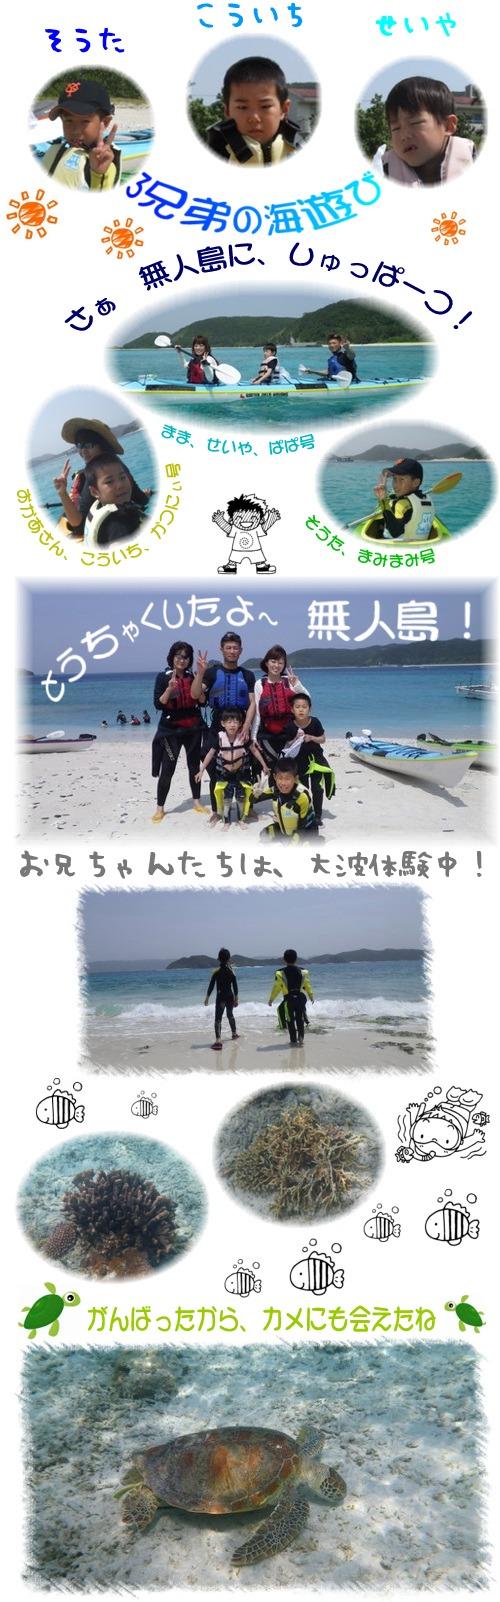 3兄弟の海遊び